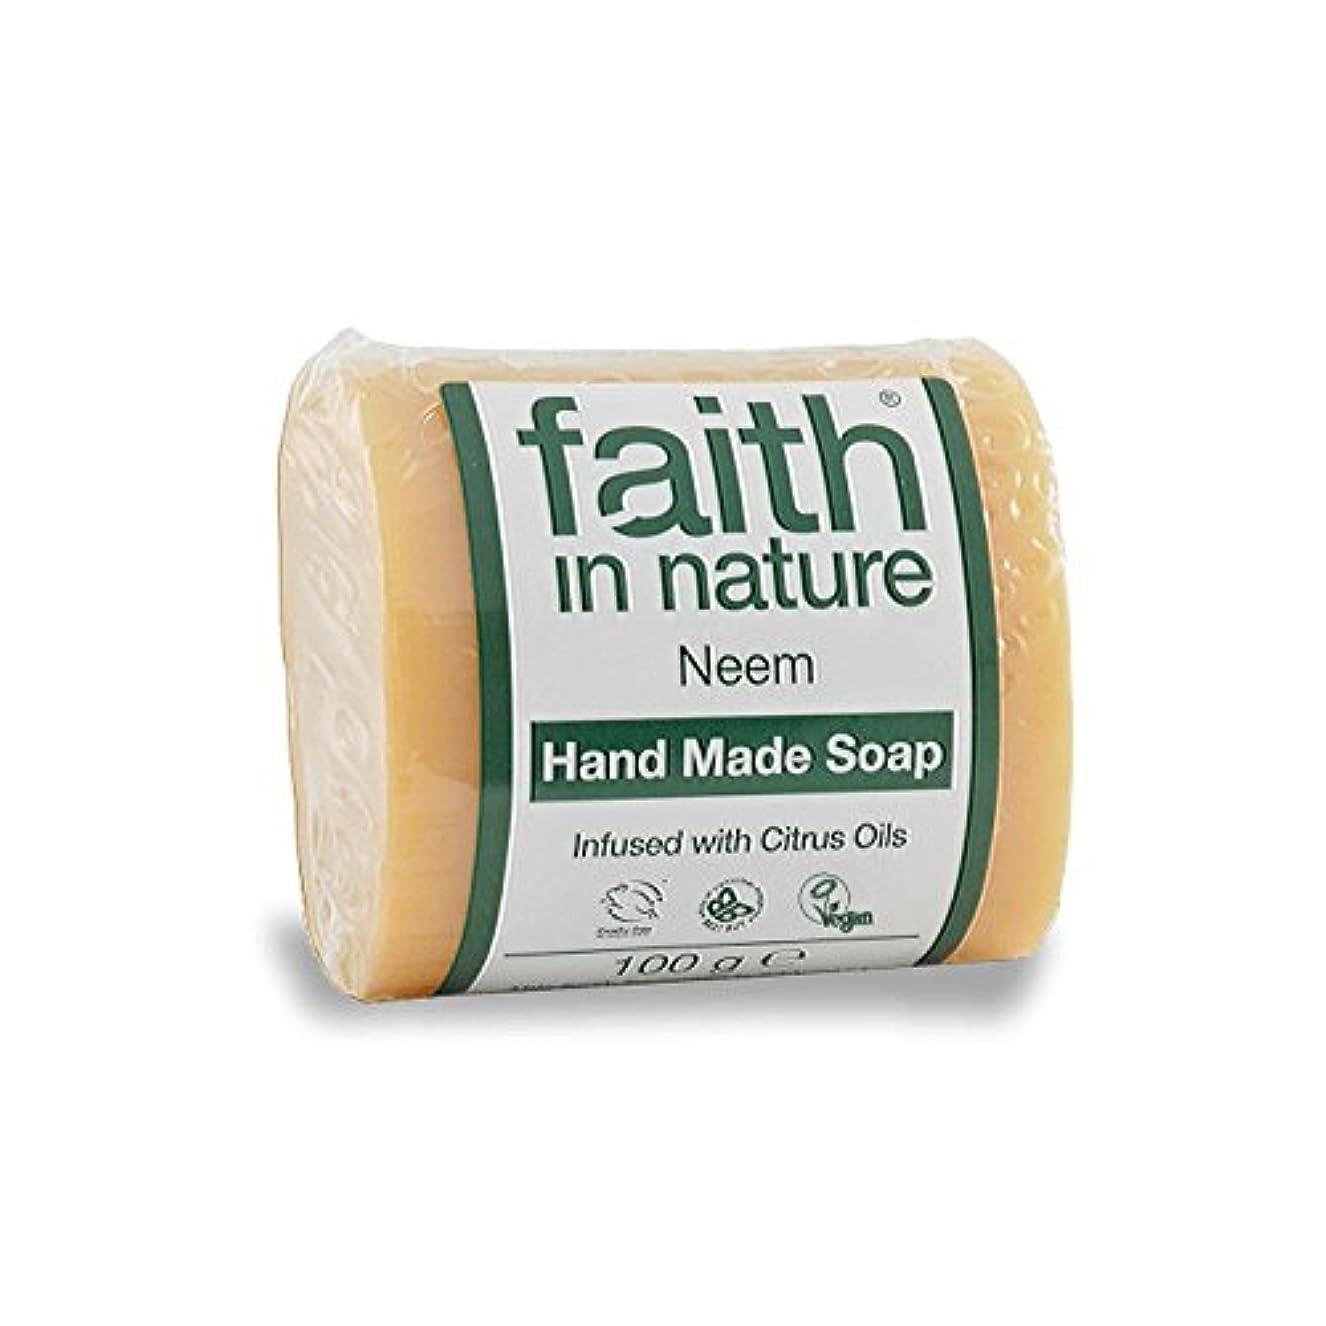 自然ニーム&プロポリス石鹸100グラムの信仰 - Faith in Nature Neem & Propolis Soap 100g (Faith in Nature) [並行輸入品]